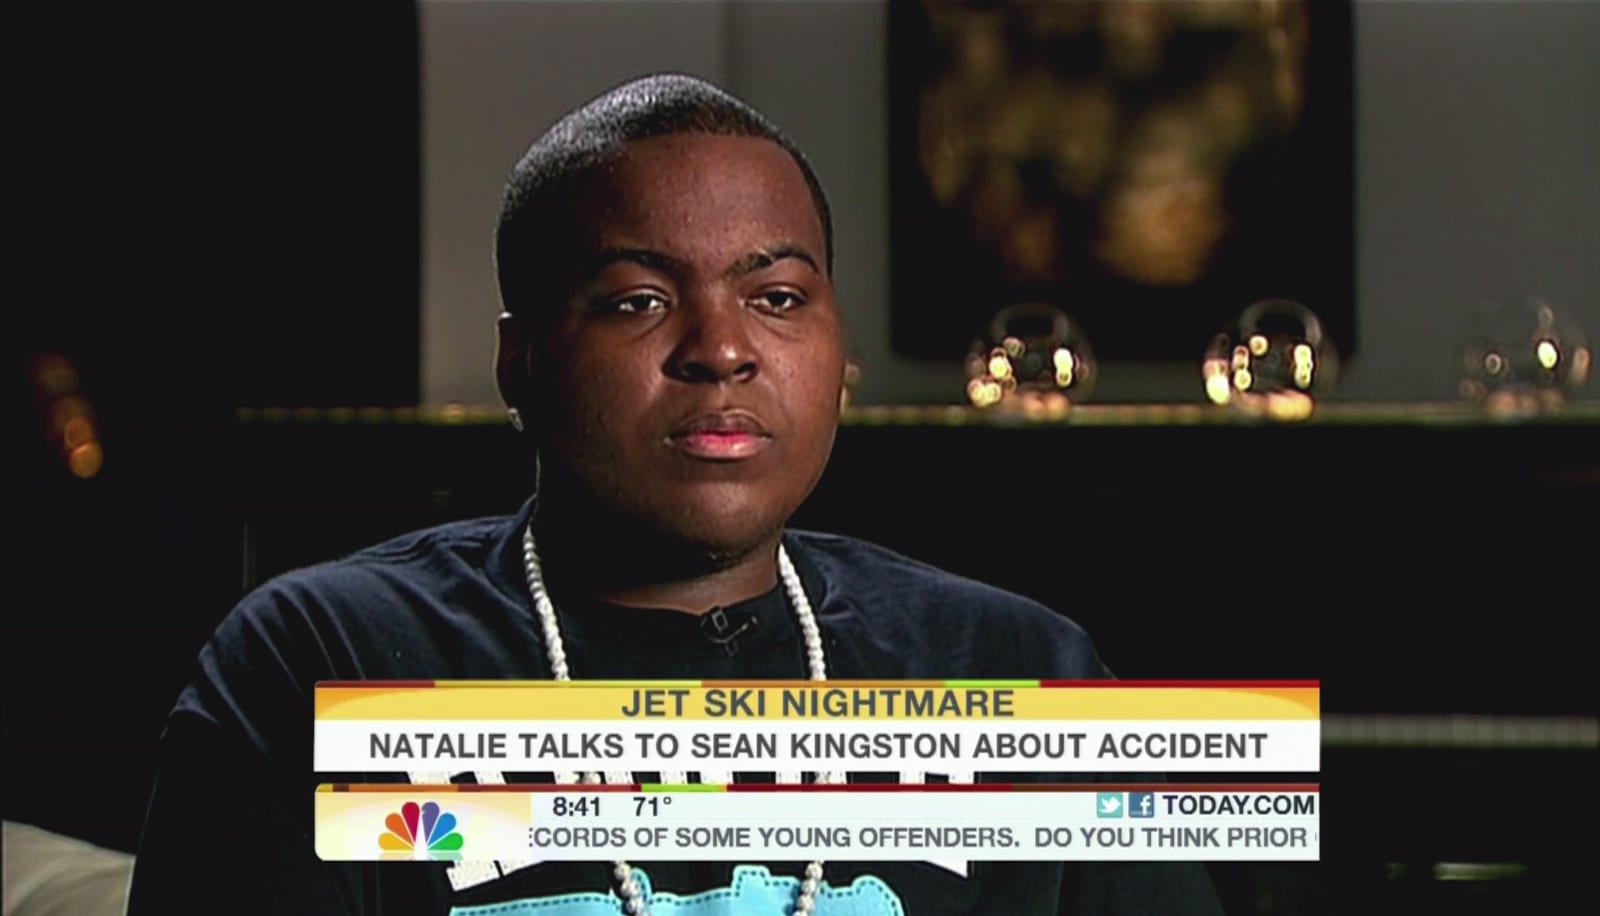 Police Cite Inexperience, Ignorance of Sean Kingston in Jet Skiing